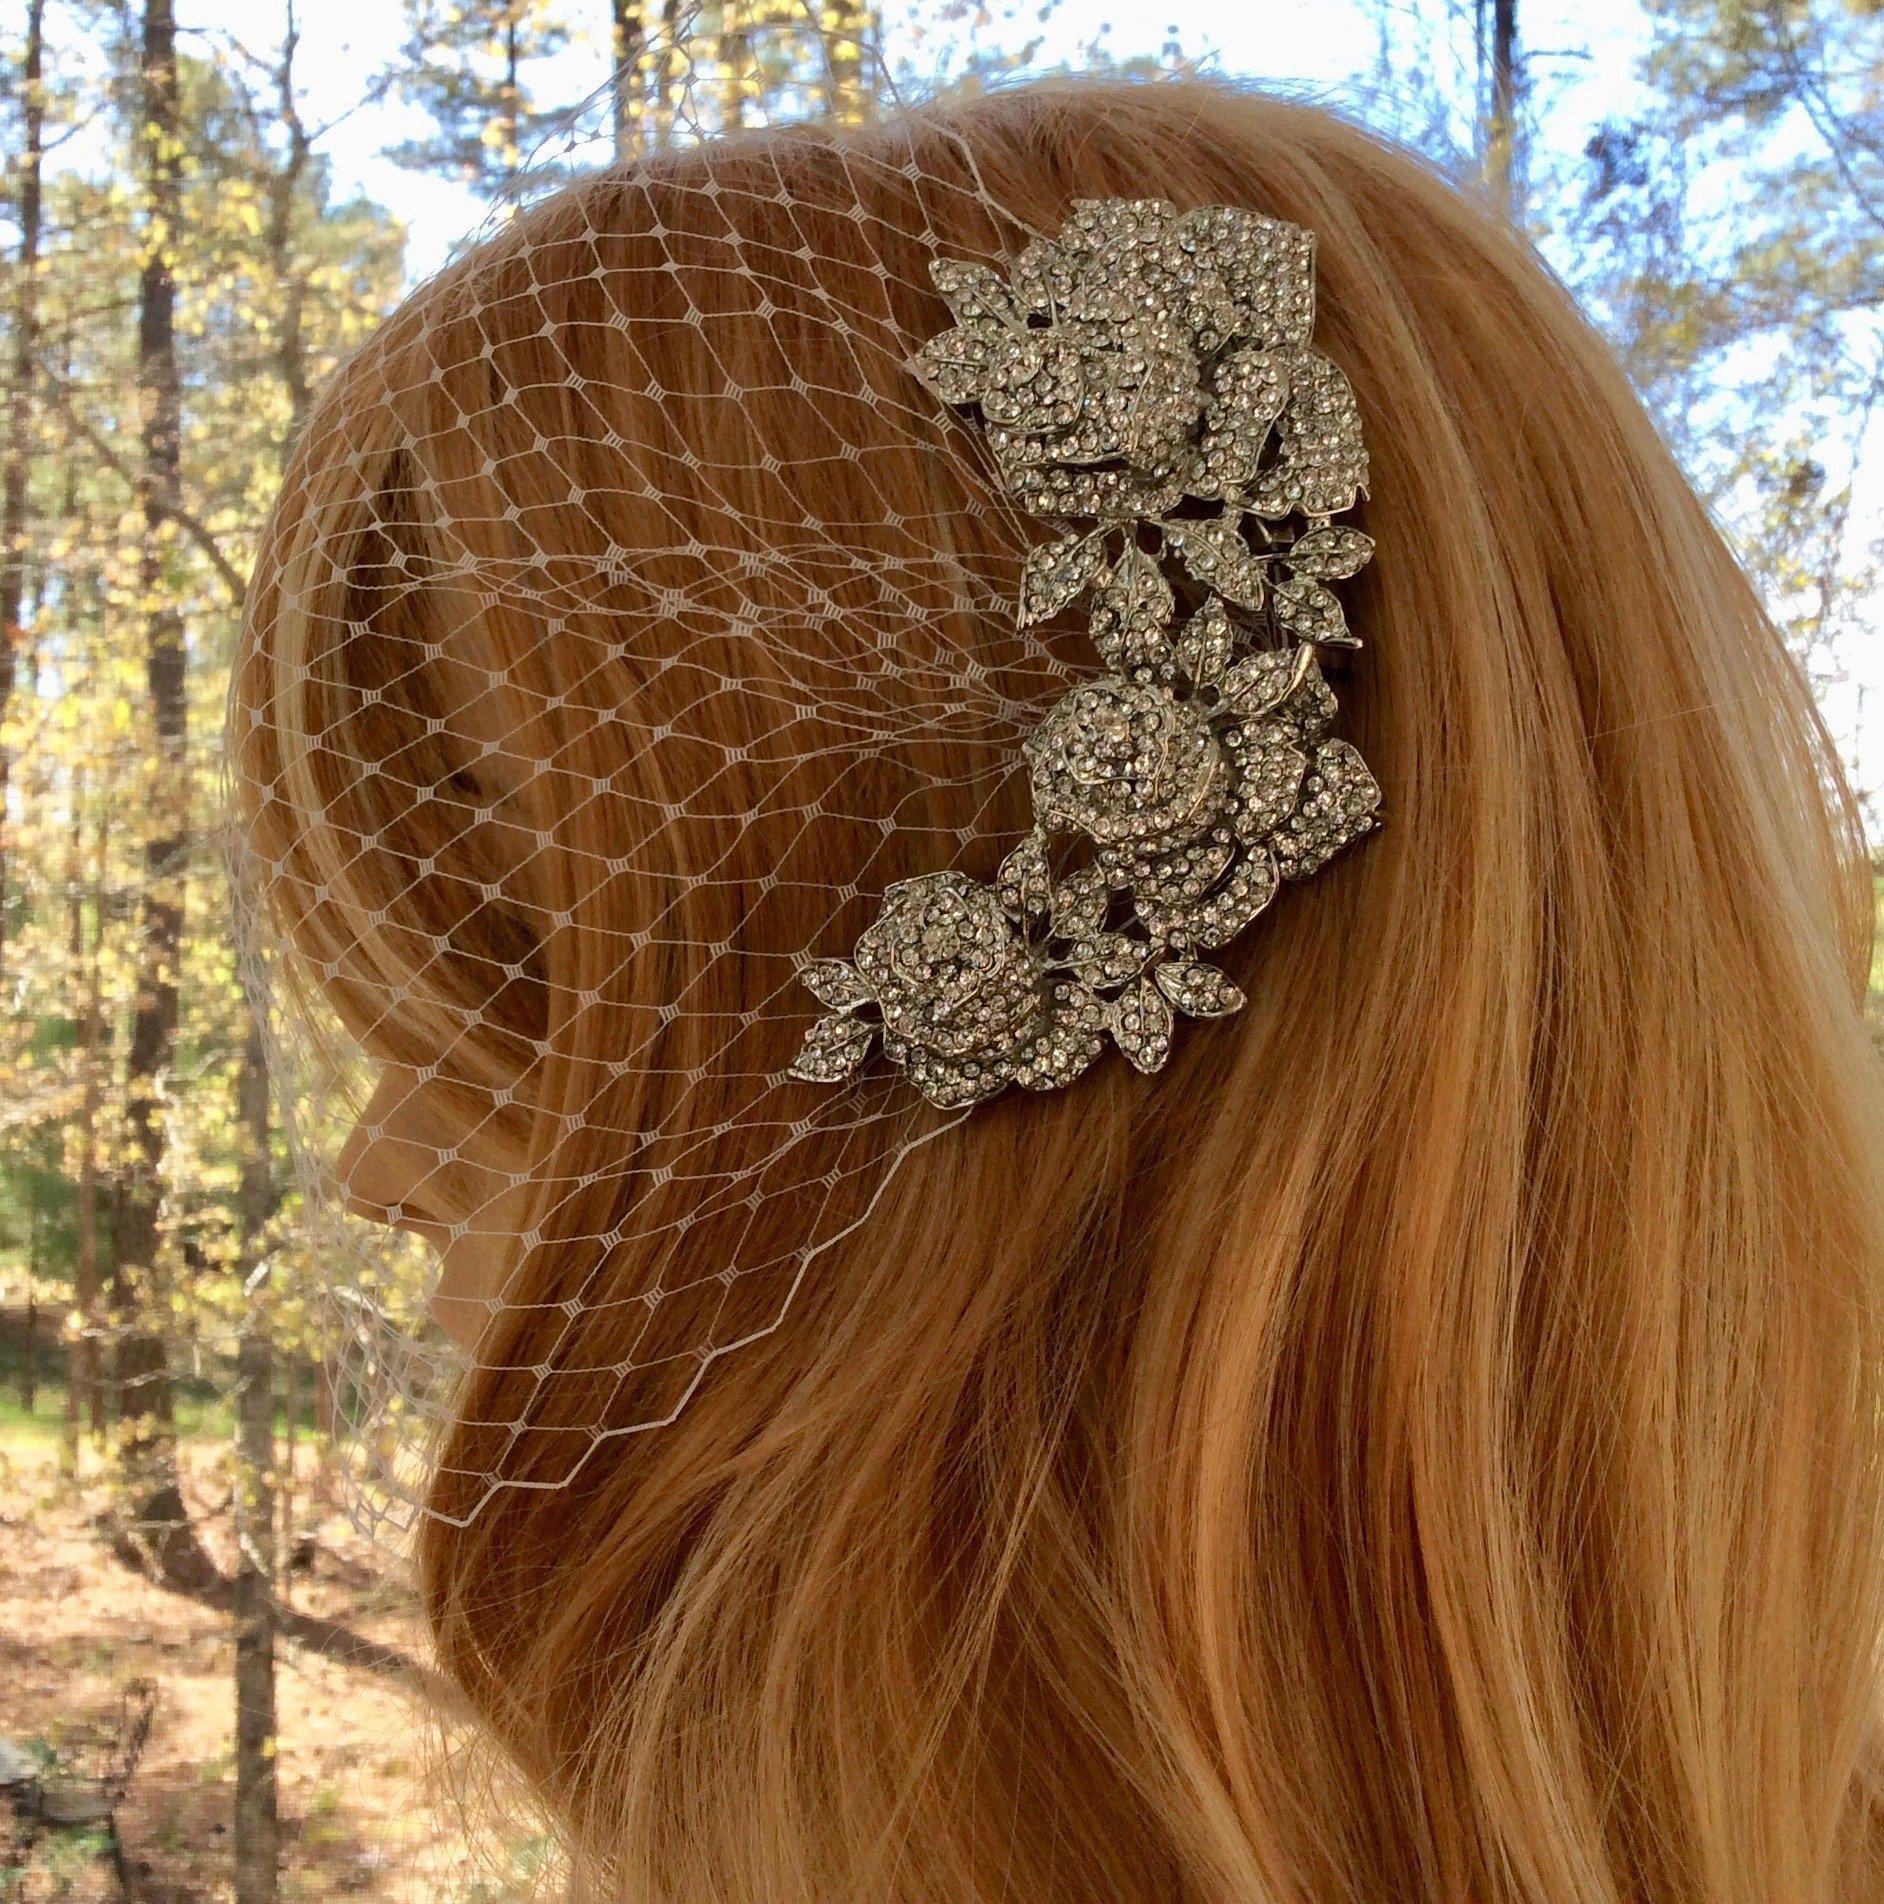 Bridal Wedding Veil, Bridal Rhinestone Veil, Wedding Rhinestone Veil, Tulle Bridal Veil, Tulle Wedding Veil, Art Deco Veil, Deco Bridal Veil, Deco Wedding Veil, Wedding Gown Veil